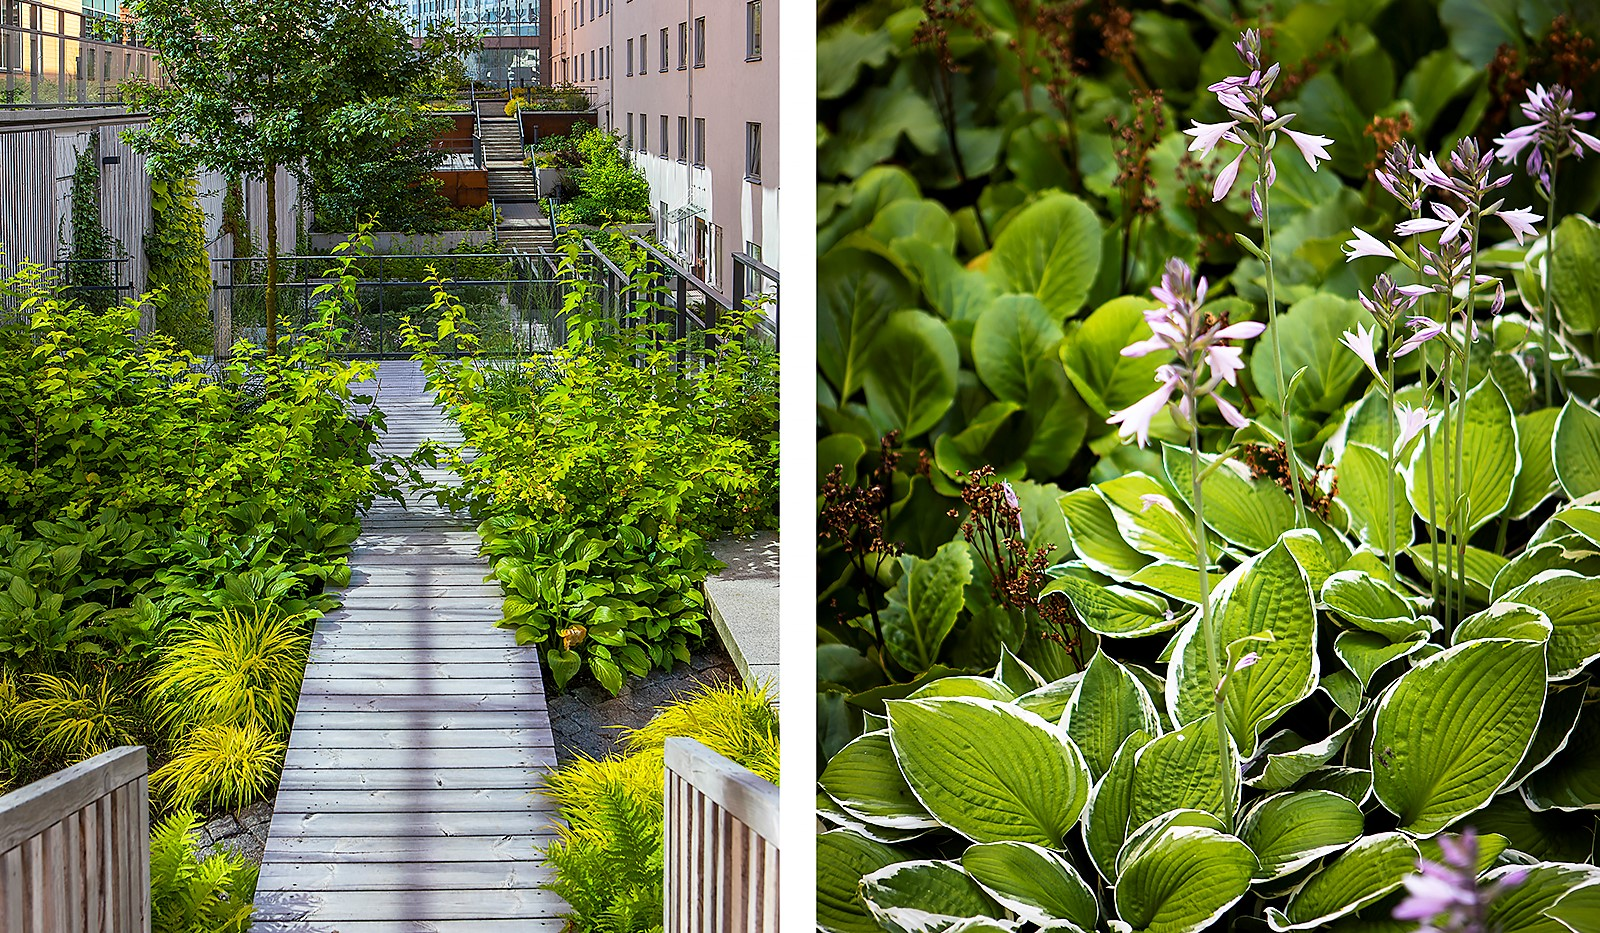 Fredriksdalsgatan 24, vån 2 - Här har man satsat på grönska och skapat en lummig oas mellan husen